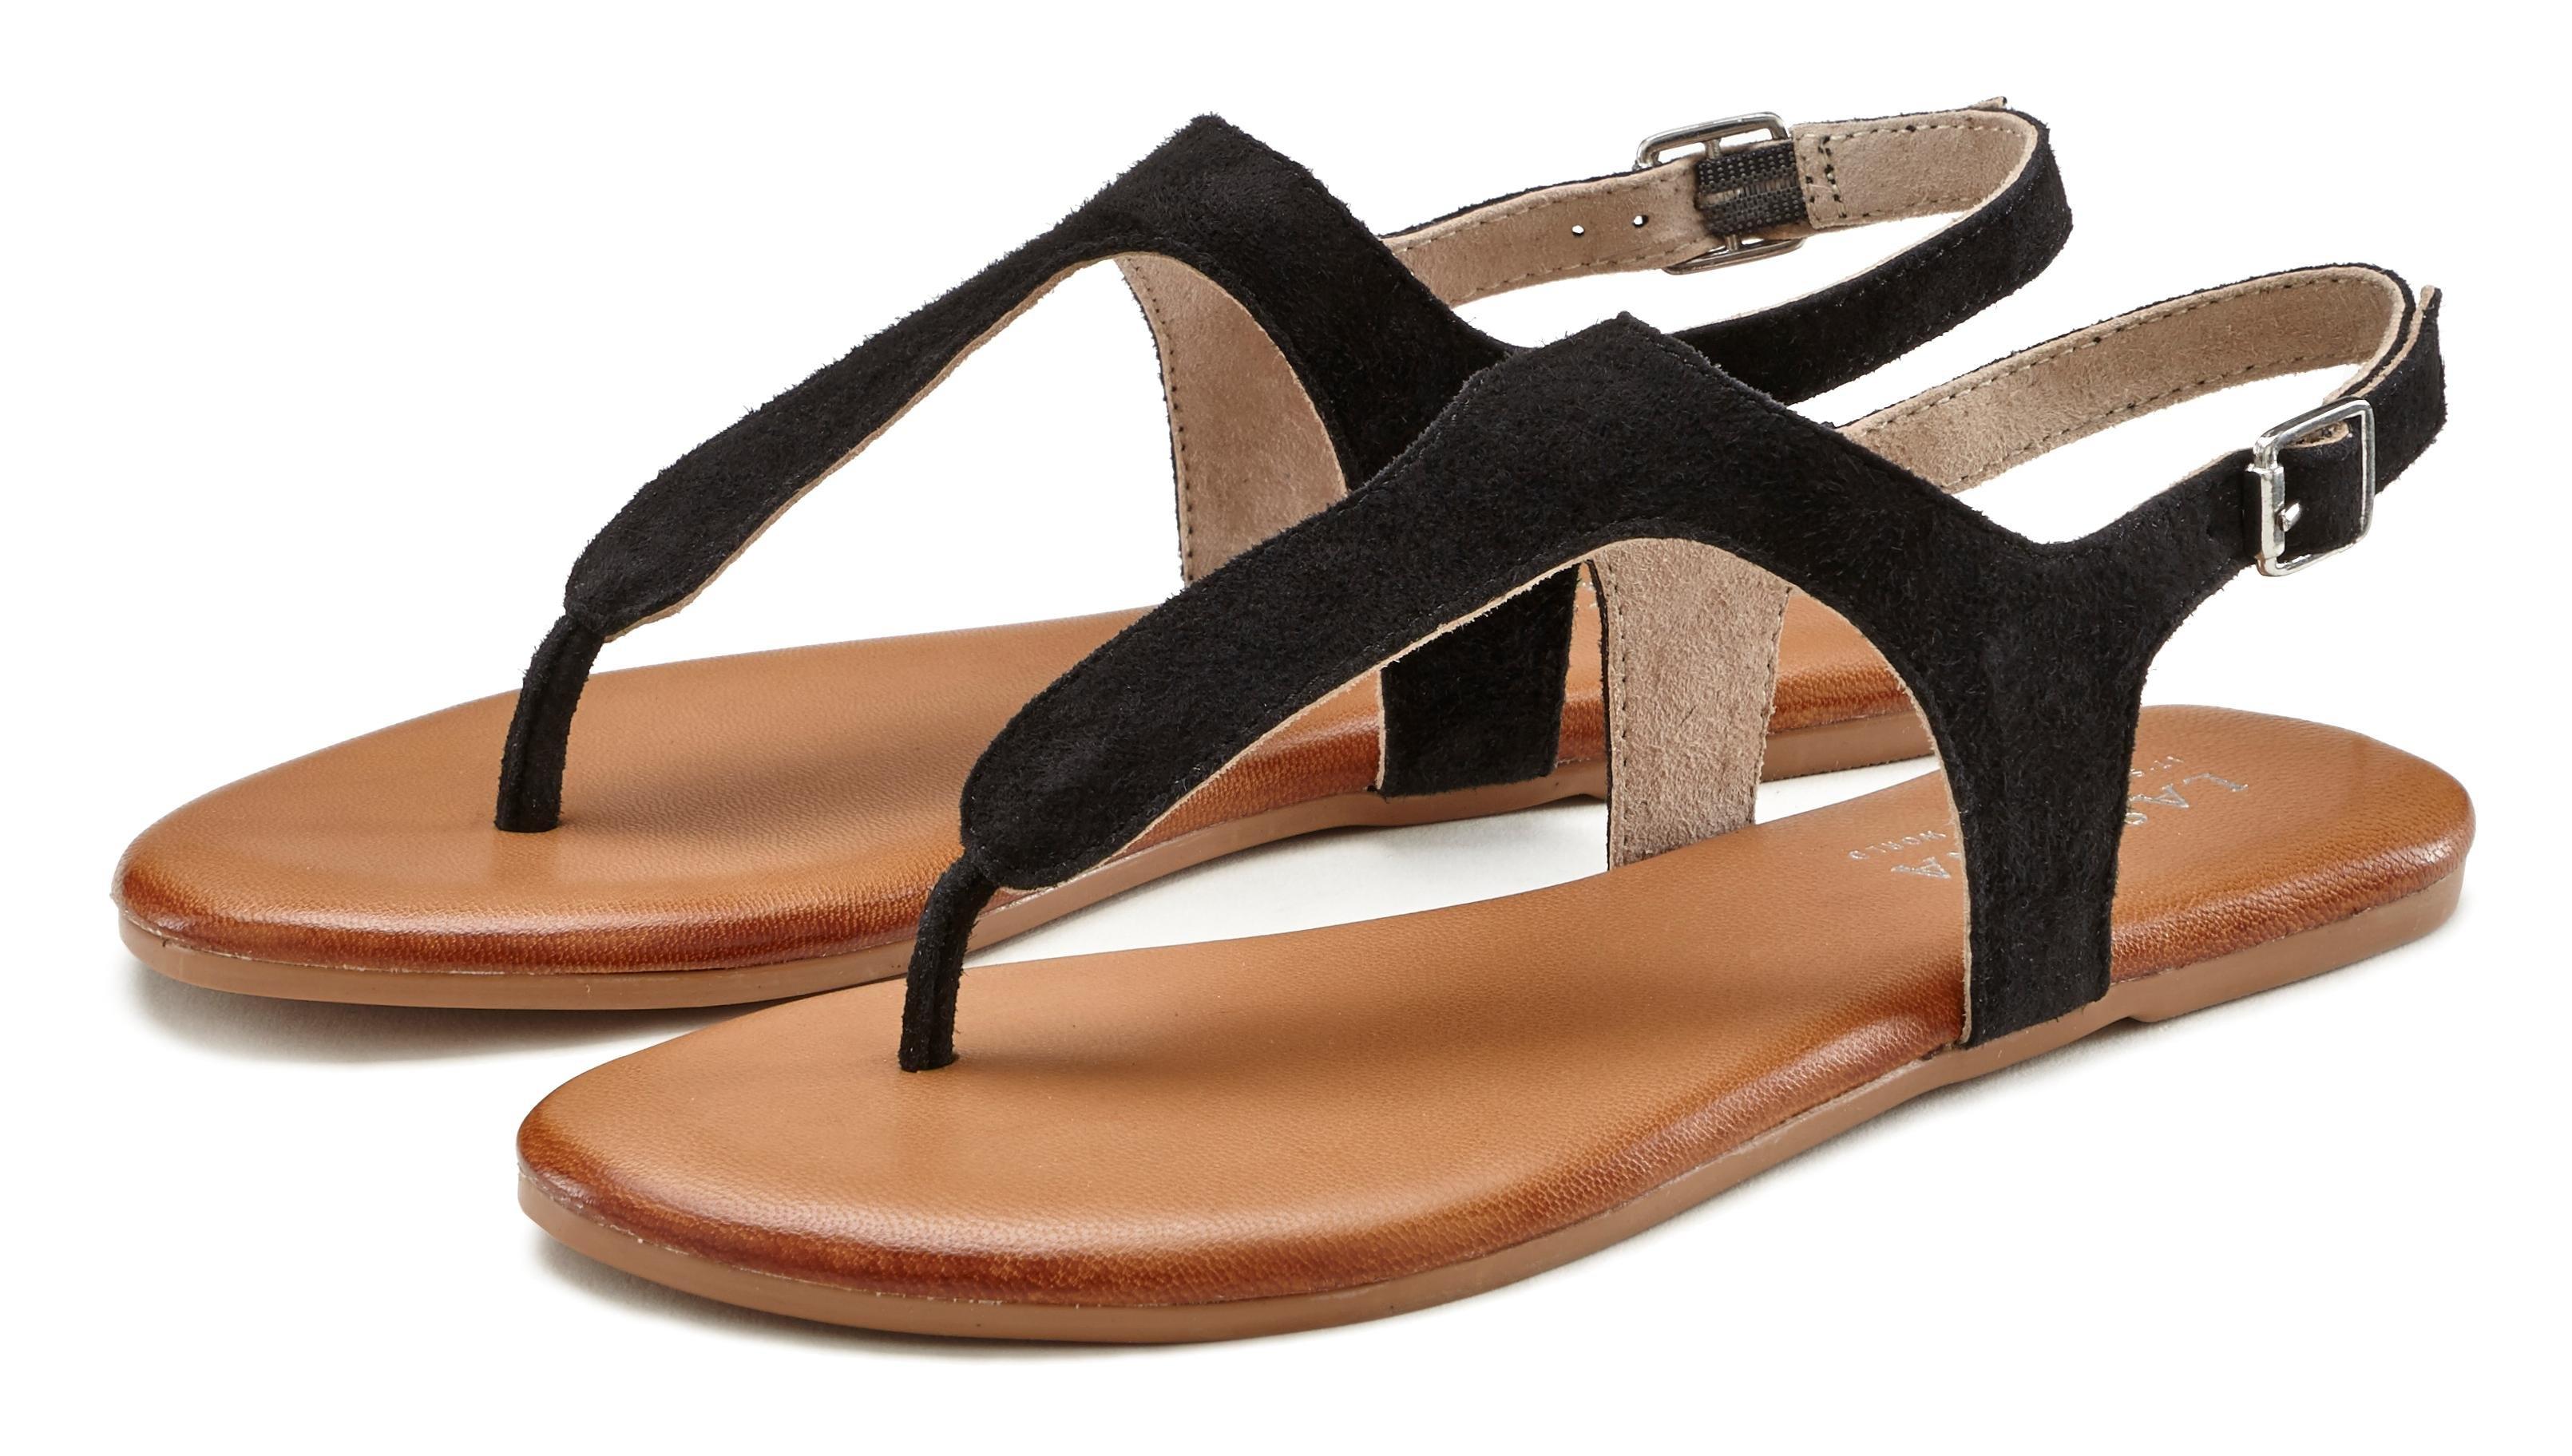 Lascana sandalen van zacht leer bestellen: 30 dagen bedenktijd